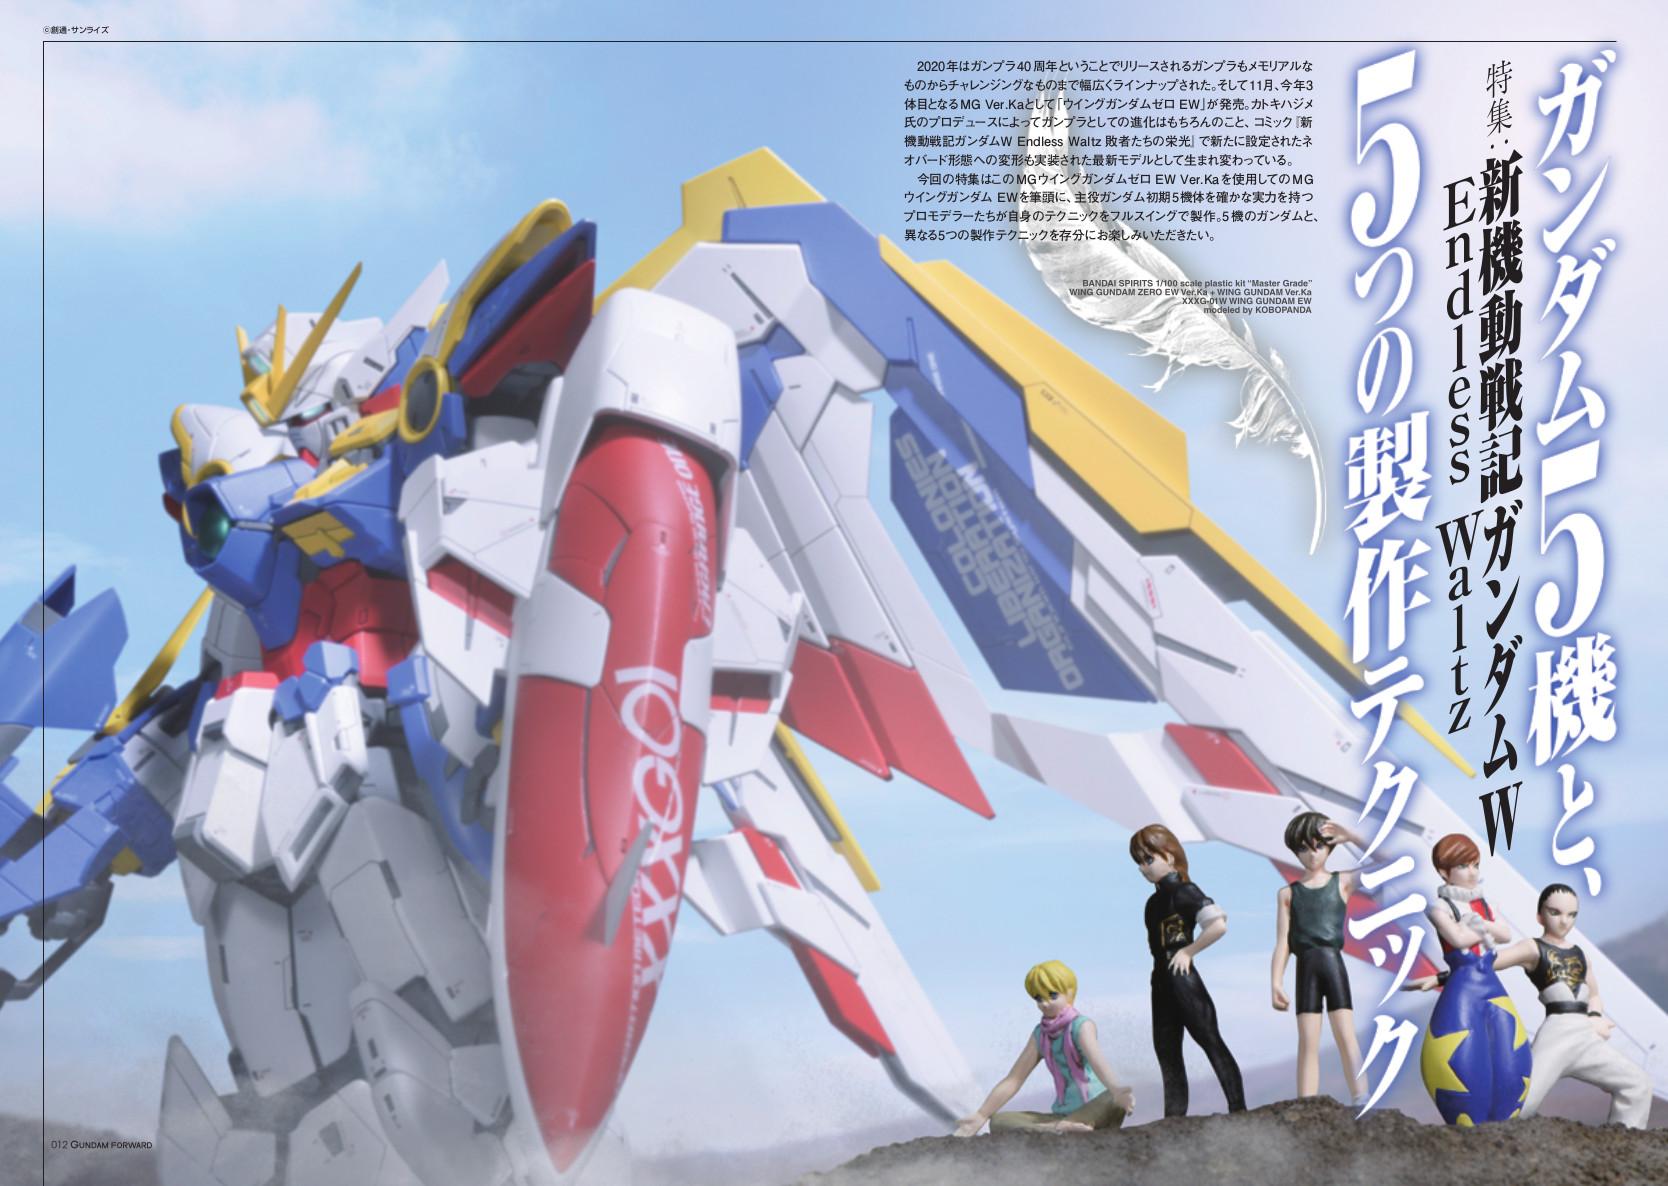 高达最前线(Gundam Forward) 004